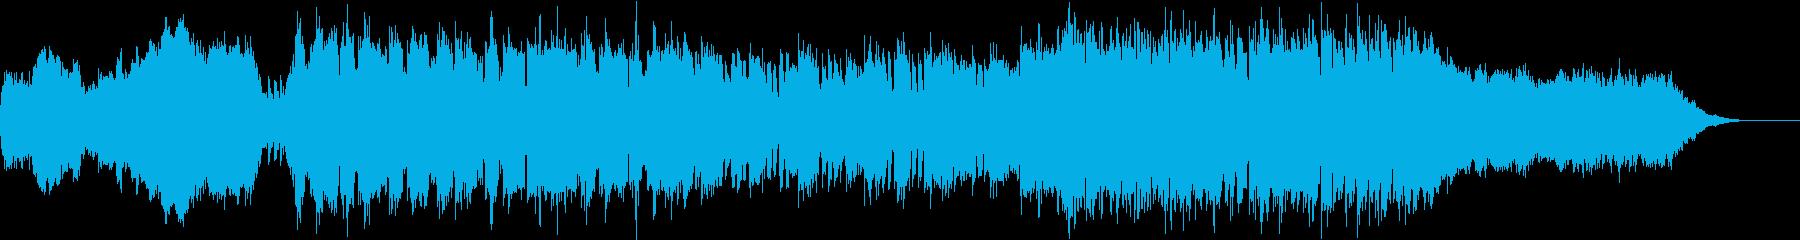 ドキュメンタリー系影のある短めOP風の再生済みの波形